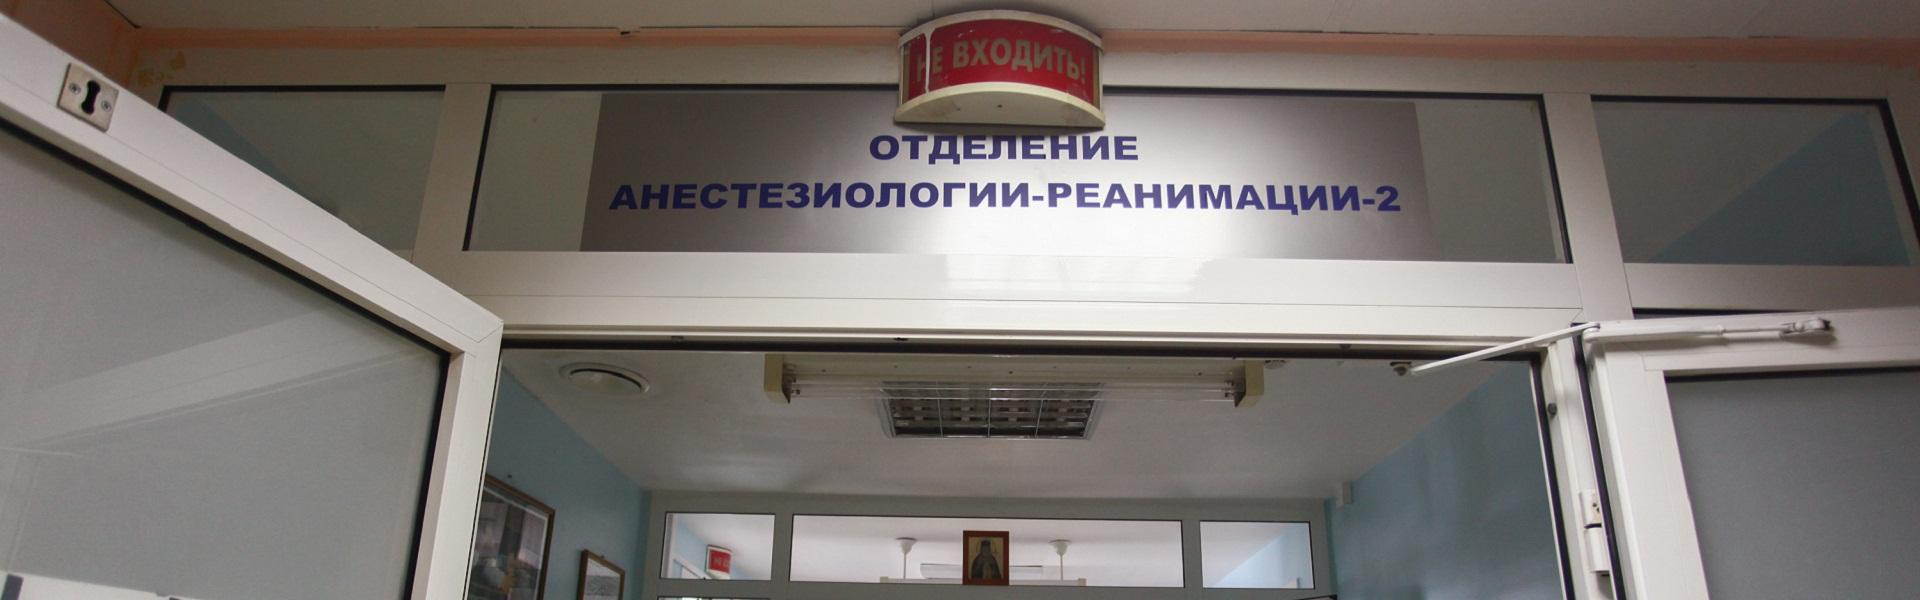 Репортаж из «красной зоны» иркутской больницы №1